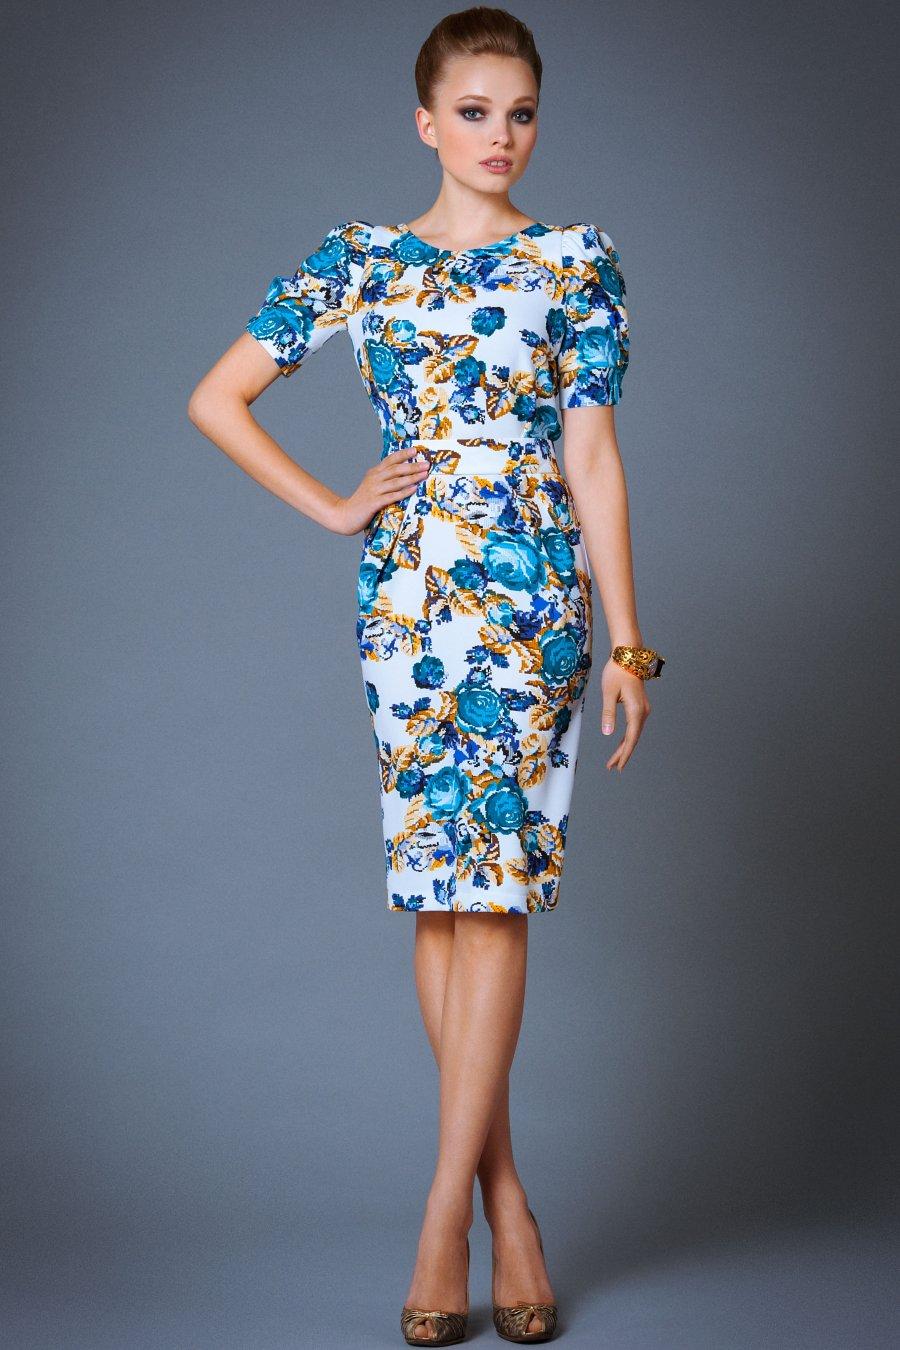 Платья с цветочным принтом: 35 фото. С чем носить платья с 16